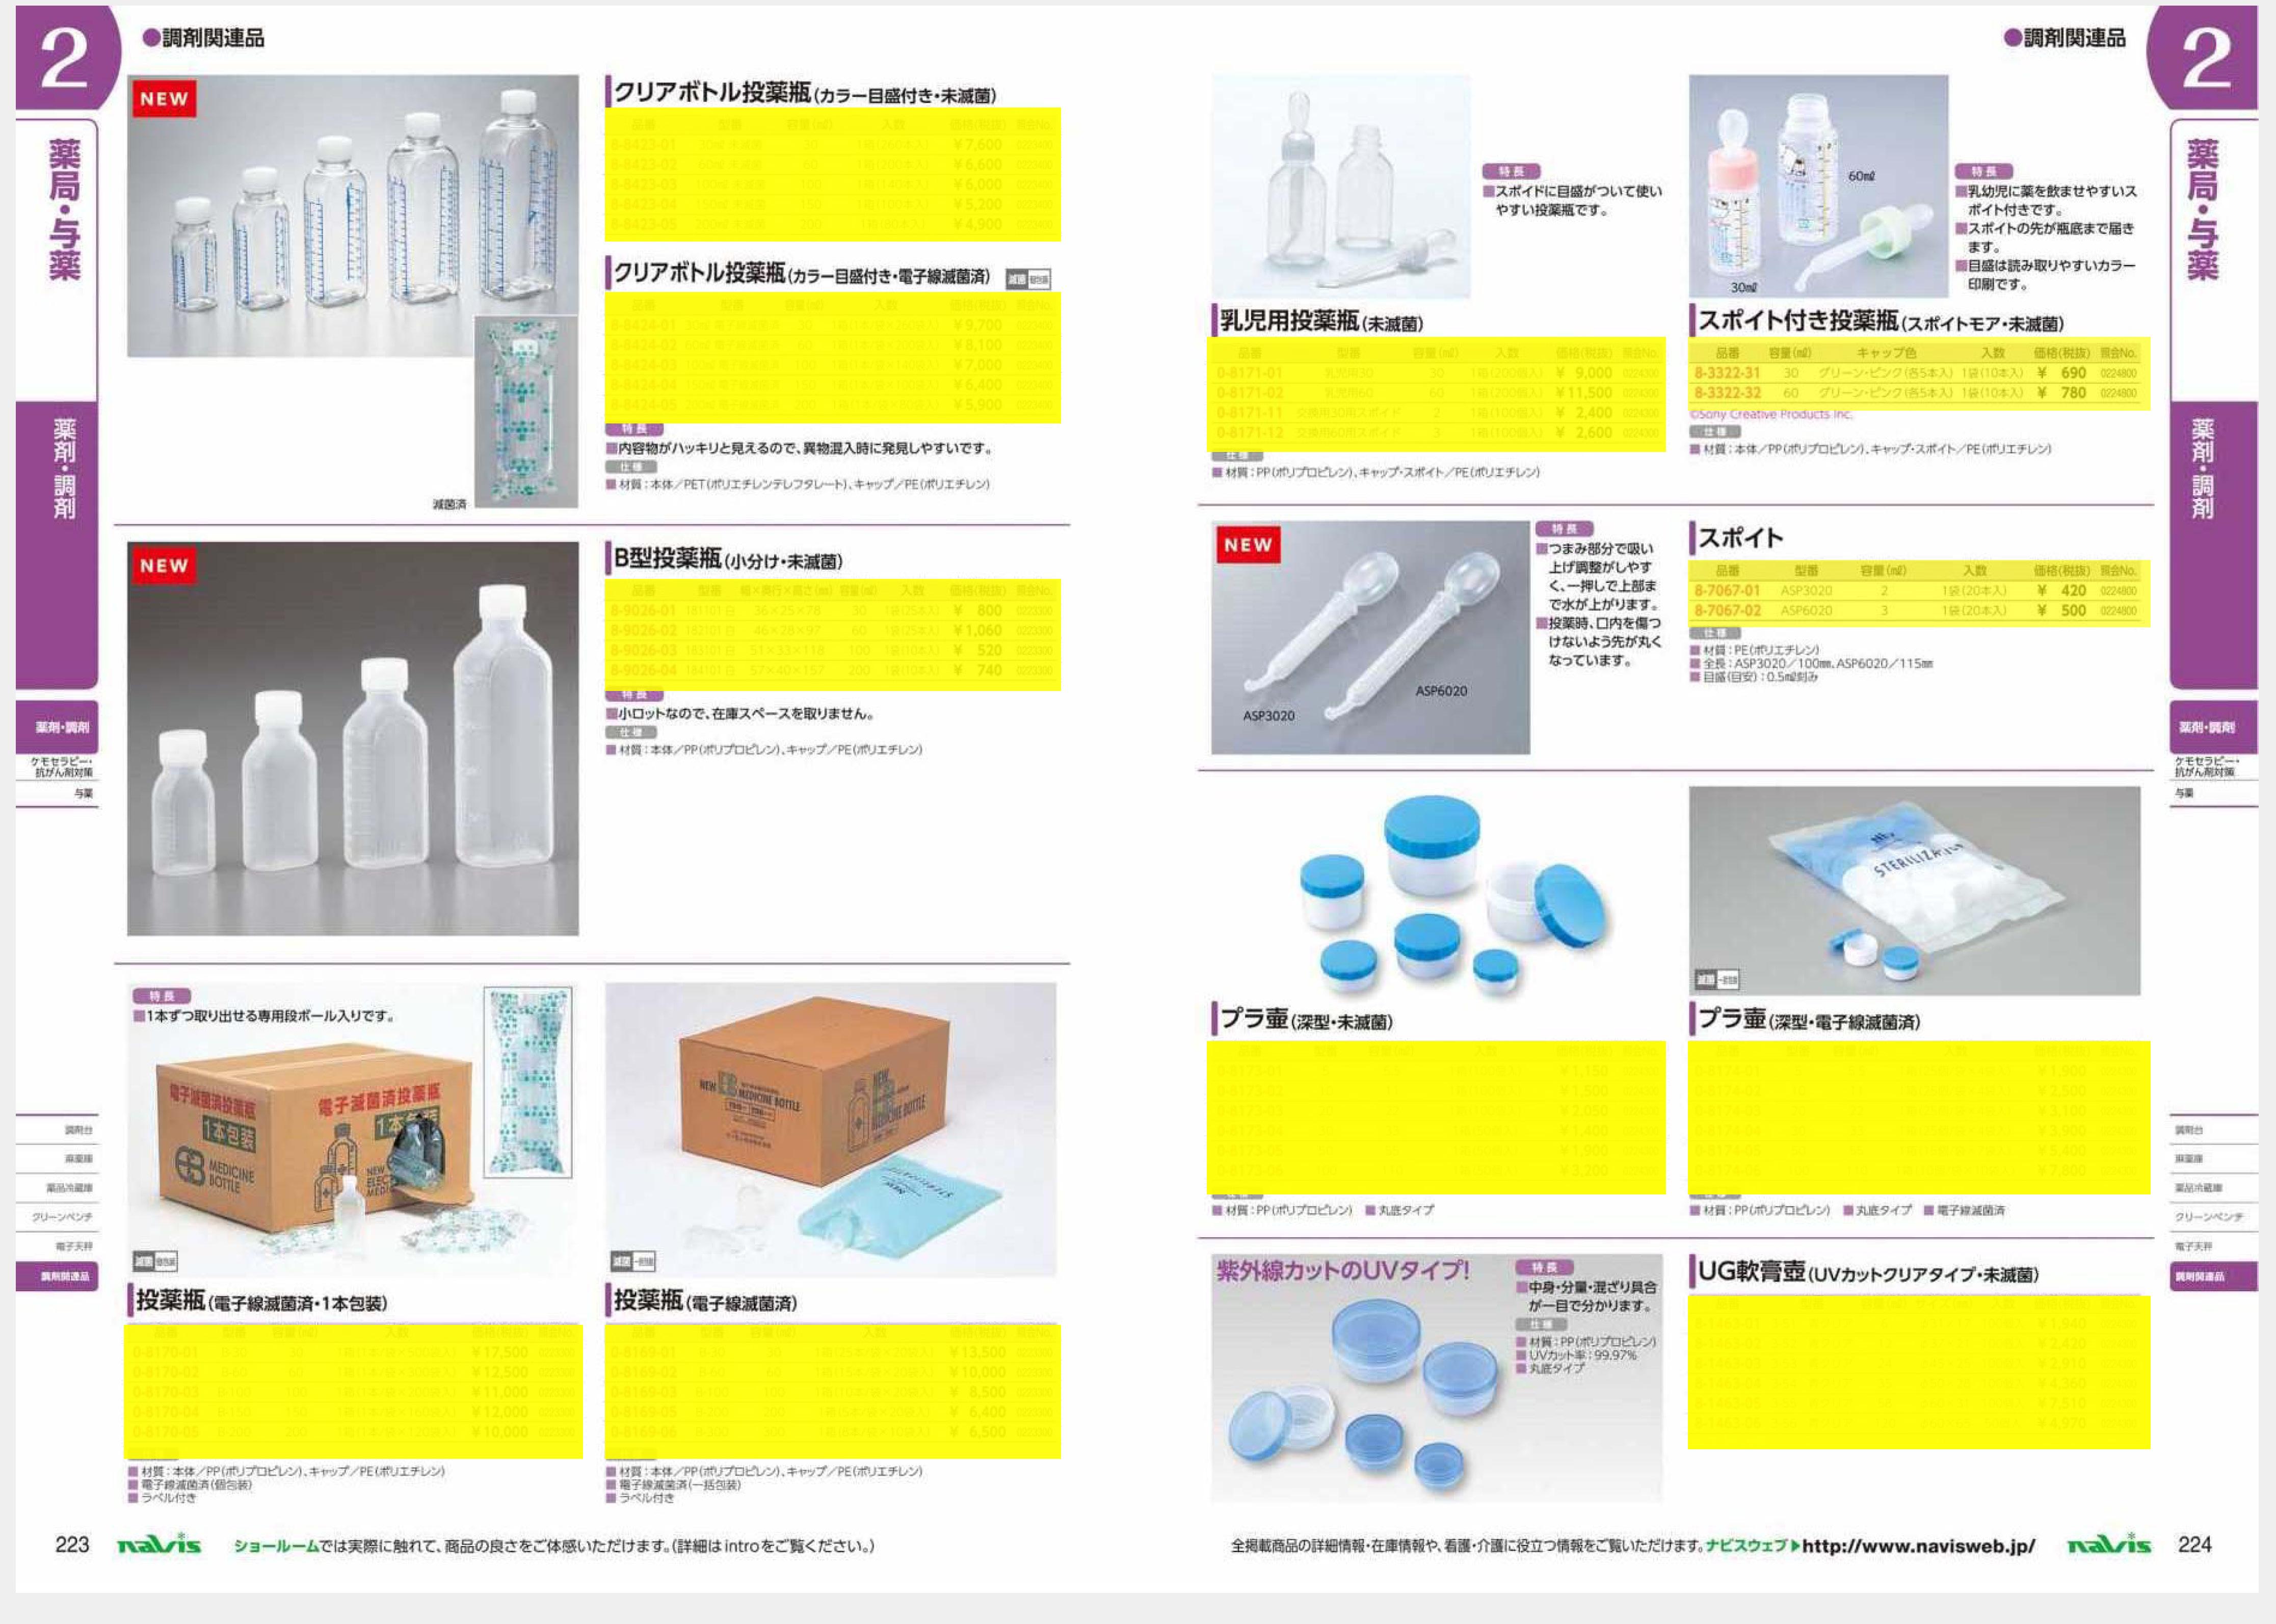 ナビス50000 0-8170-01 投薬瓶(電子線滅菌済・1本包装) 30mL 500袋入[箱](as1-0-8170-01)